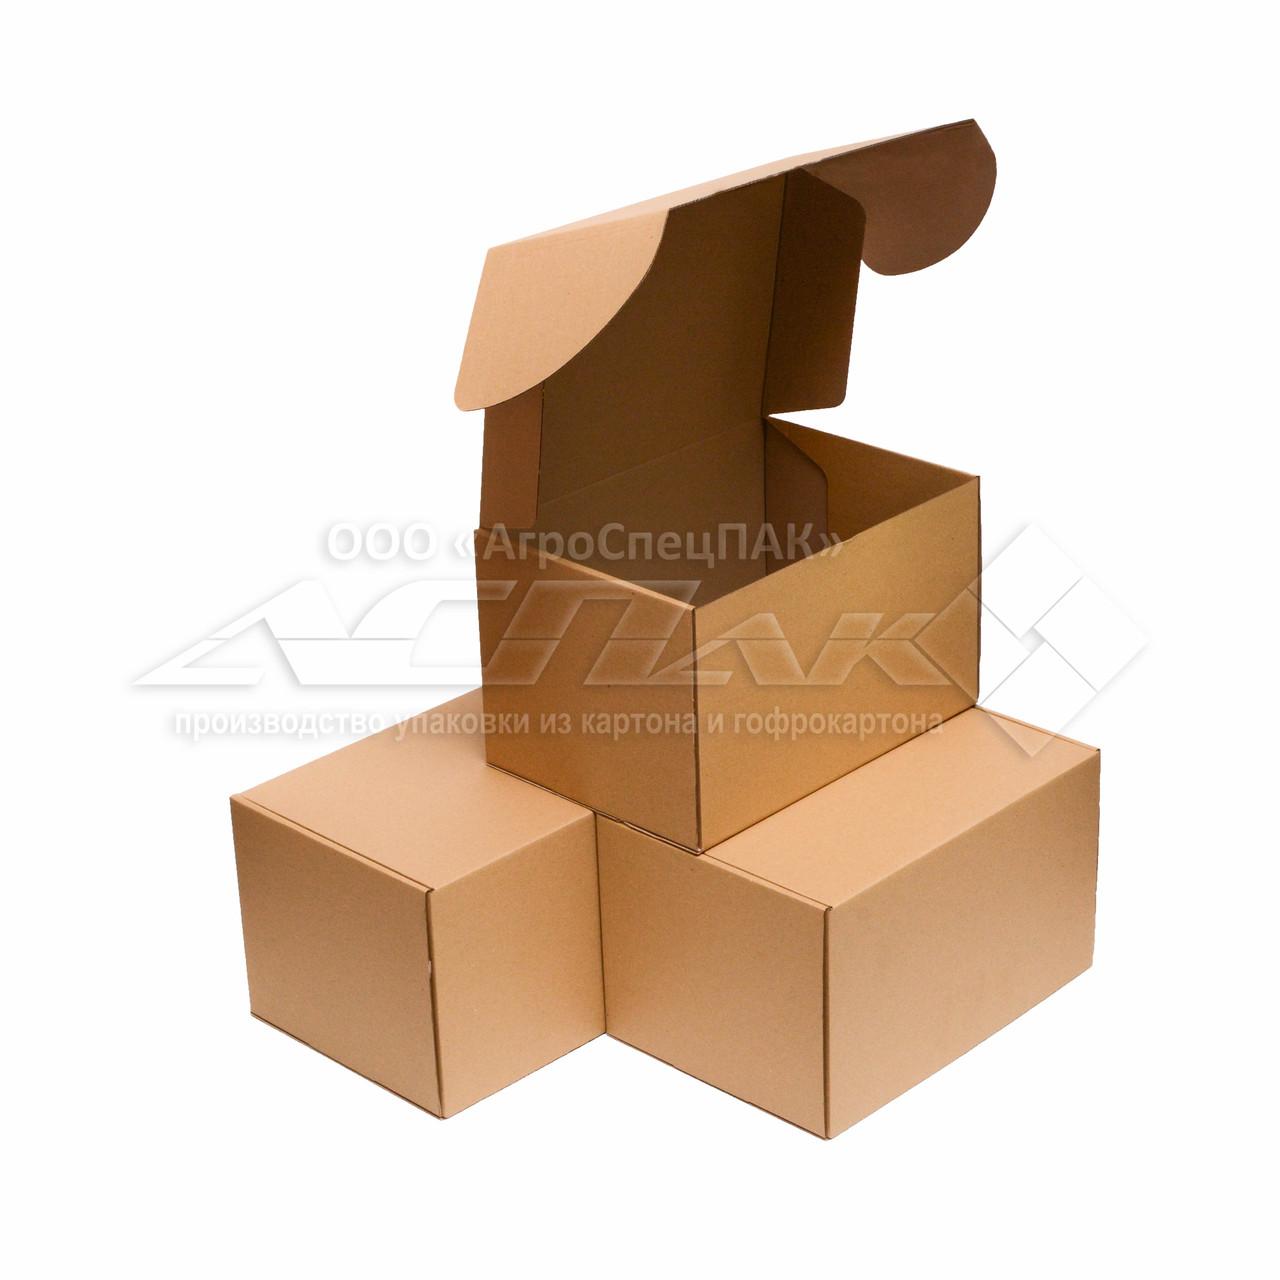 Картонные коробки самосборные 310*220*190 бурые